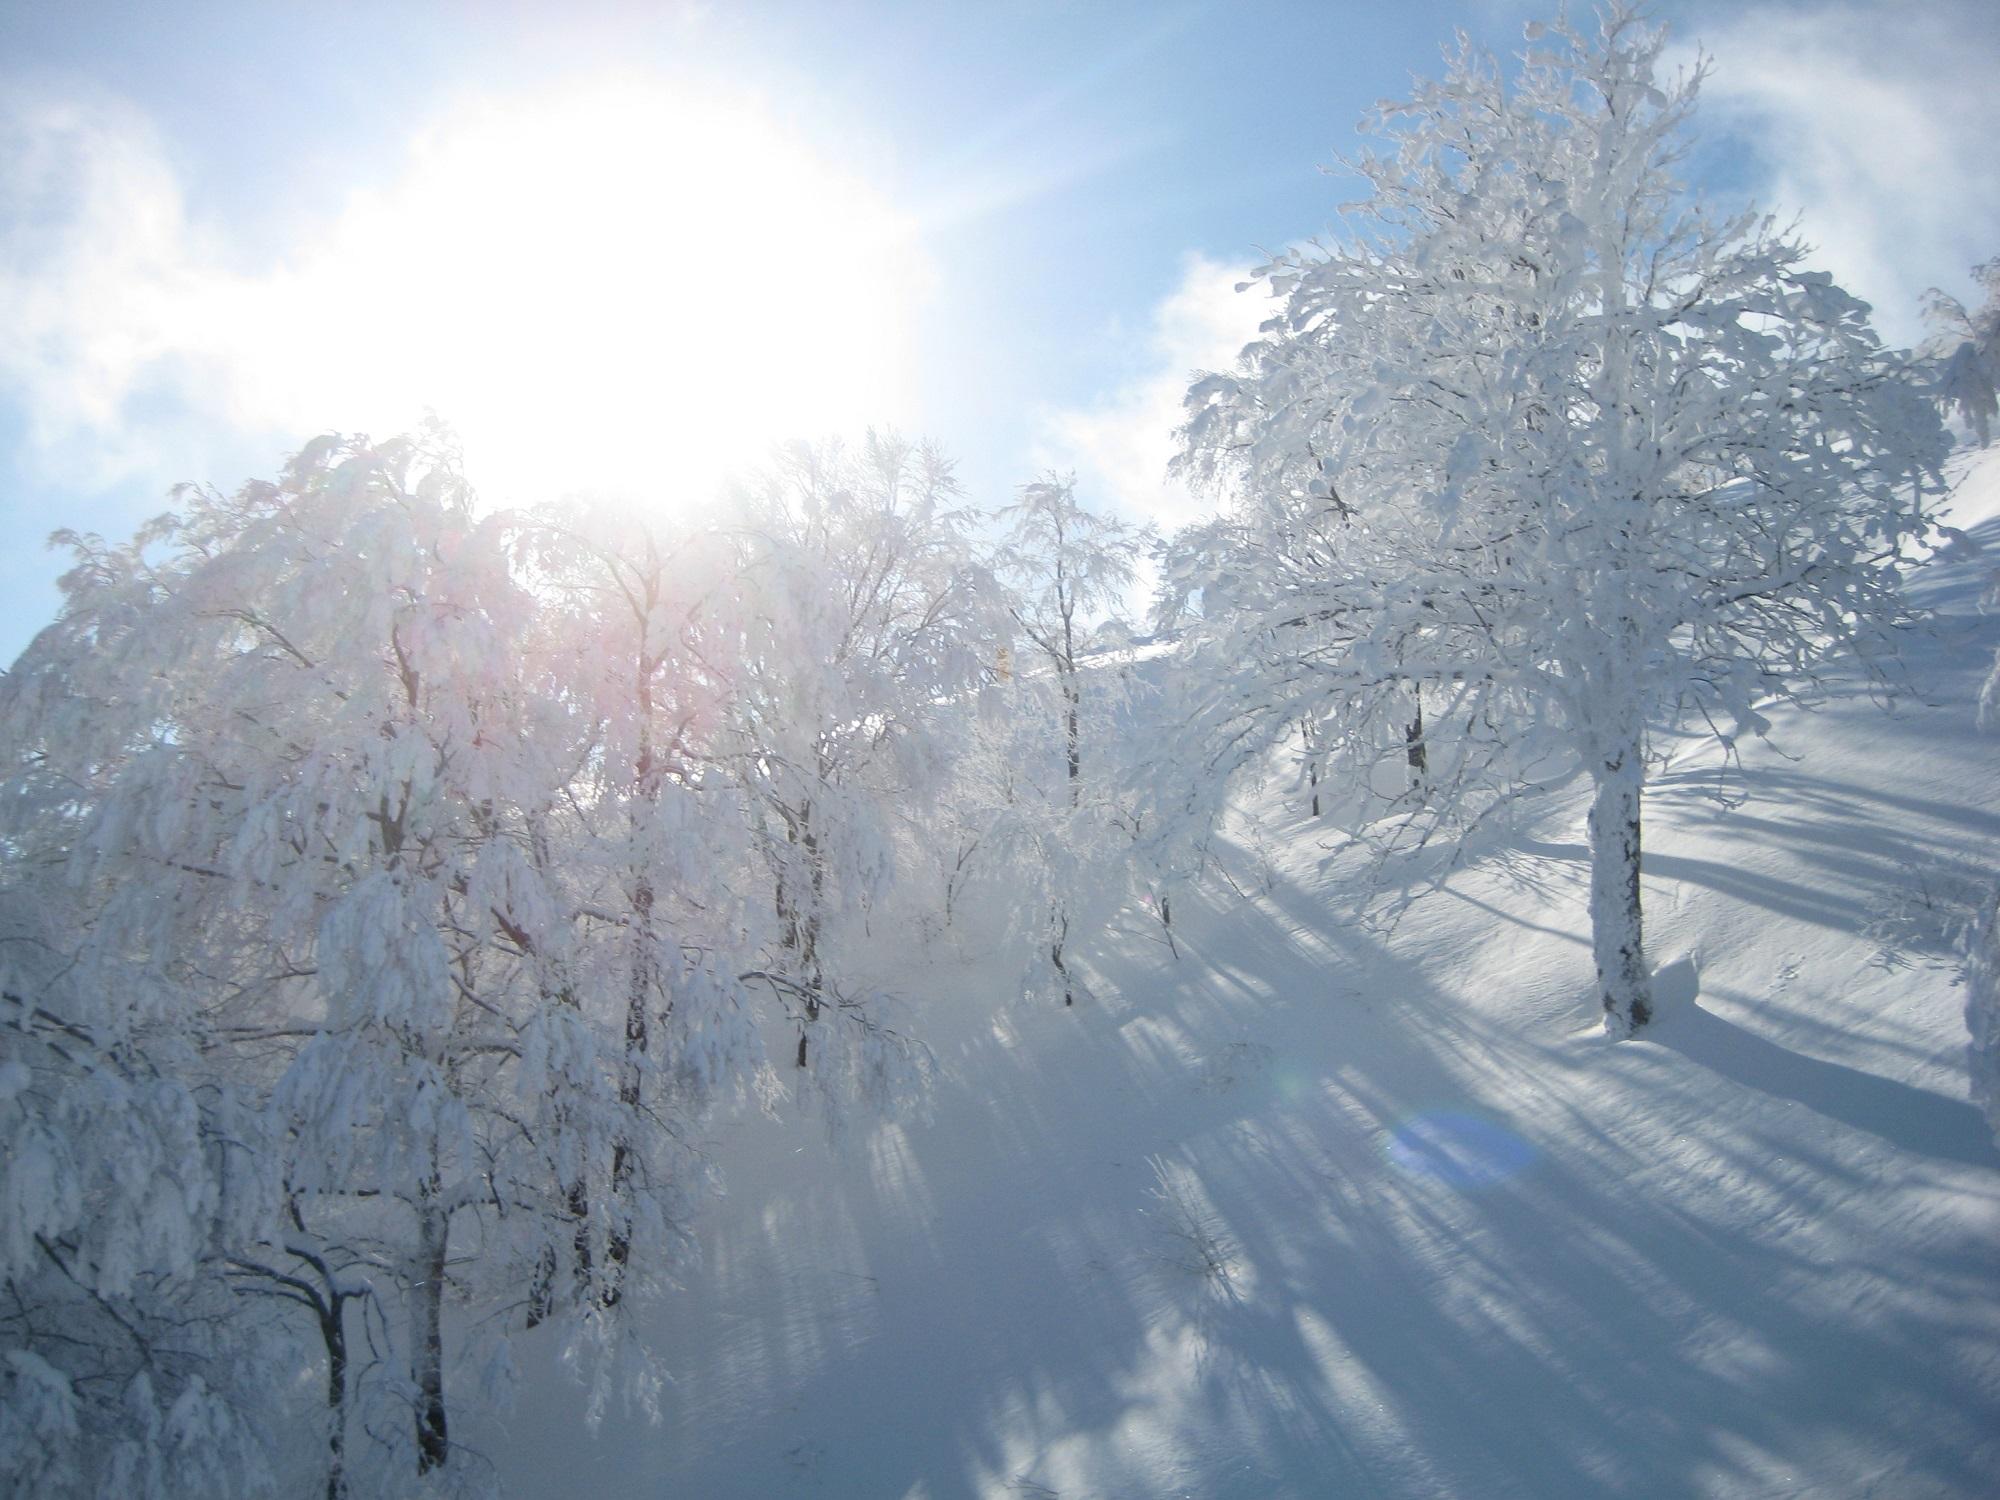 Hoshino Resort Nekoma Snow Park & Resort